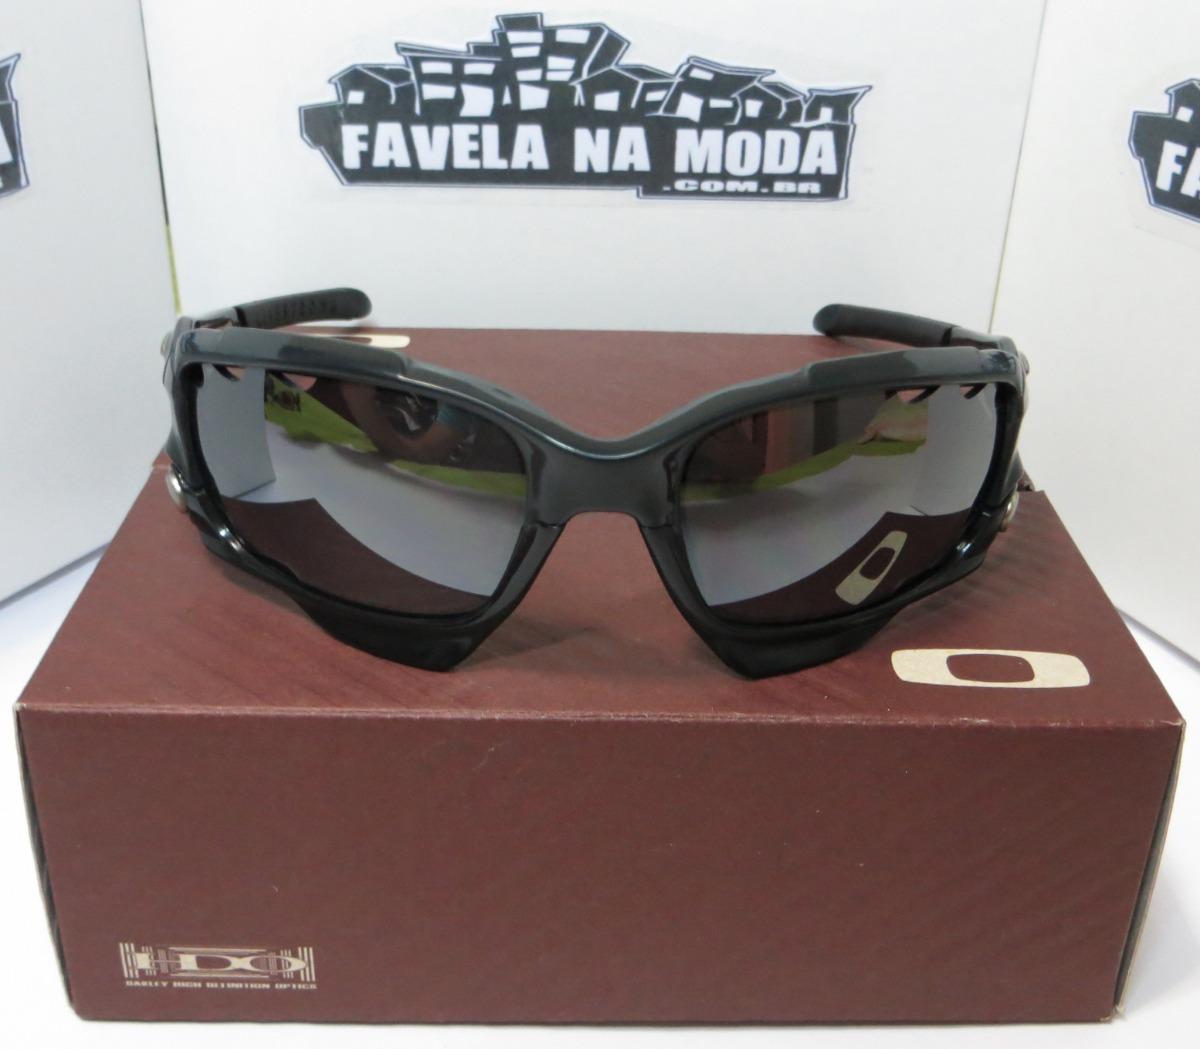 38e237b96944b óculos oakley jawbone (preto cinza) + 2 pares de lentes +. Carregando zoom.